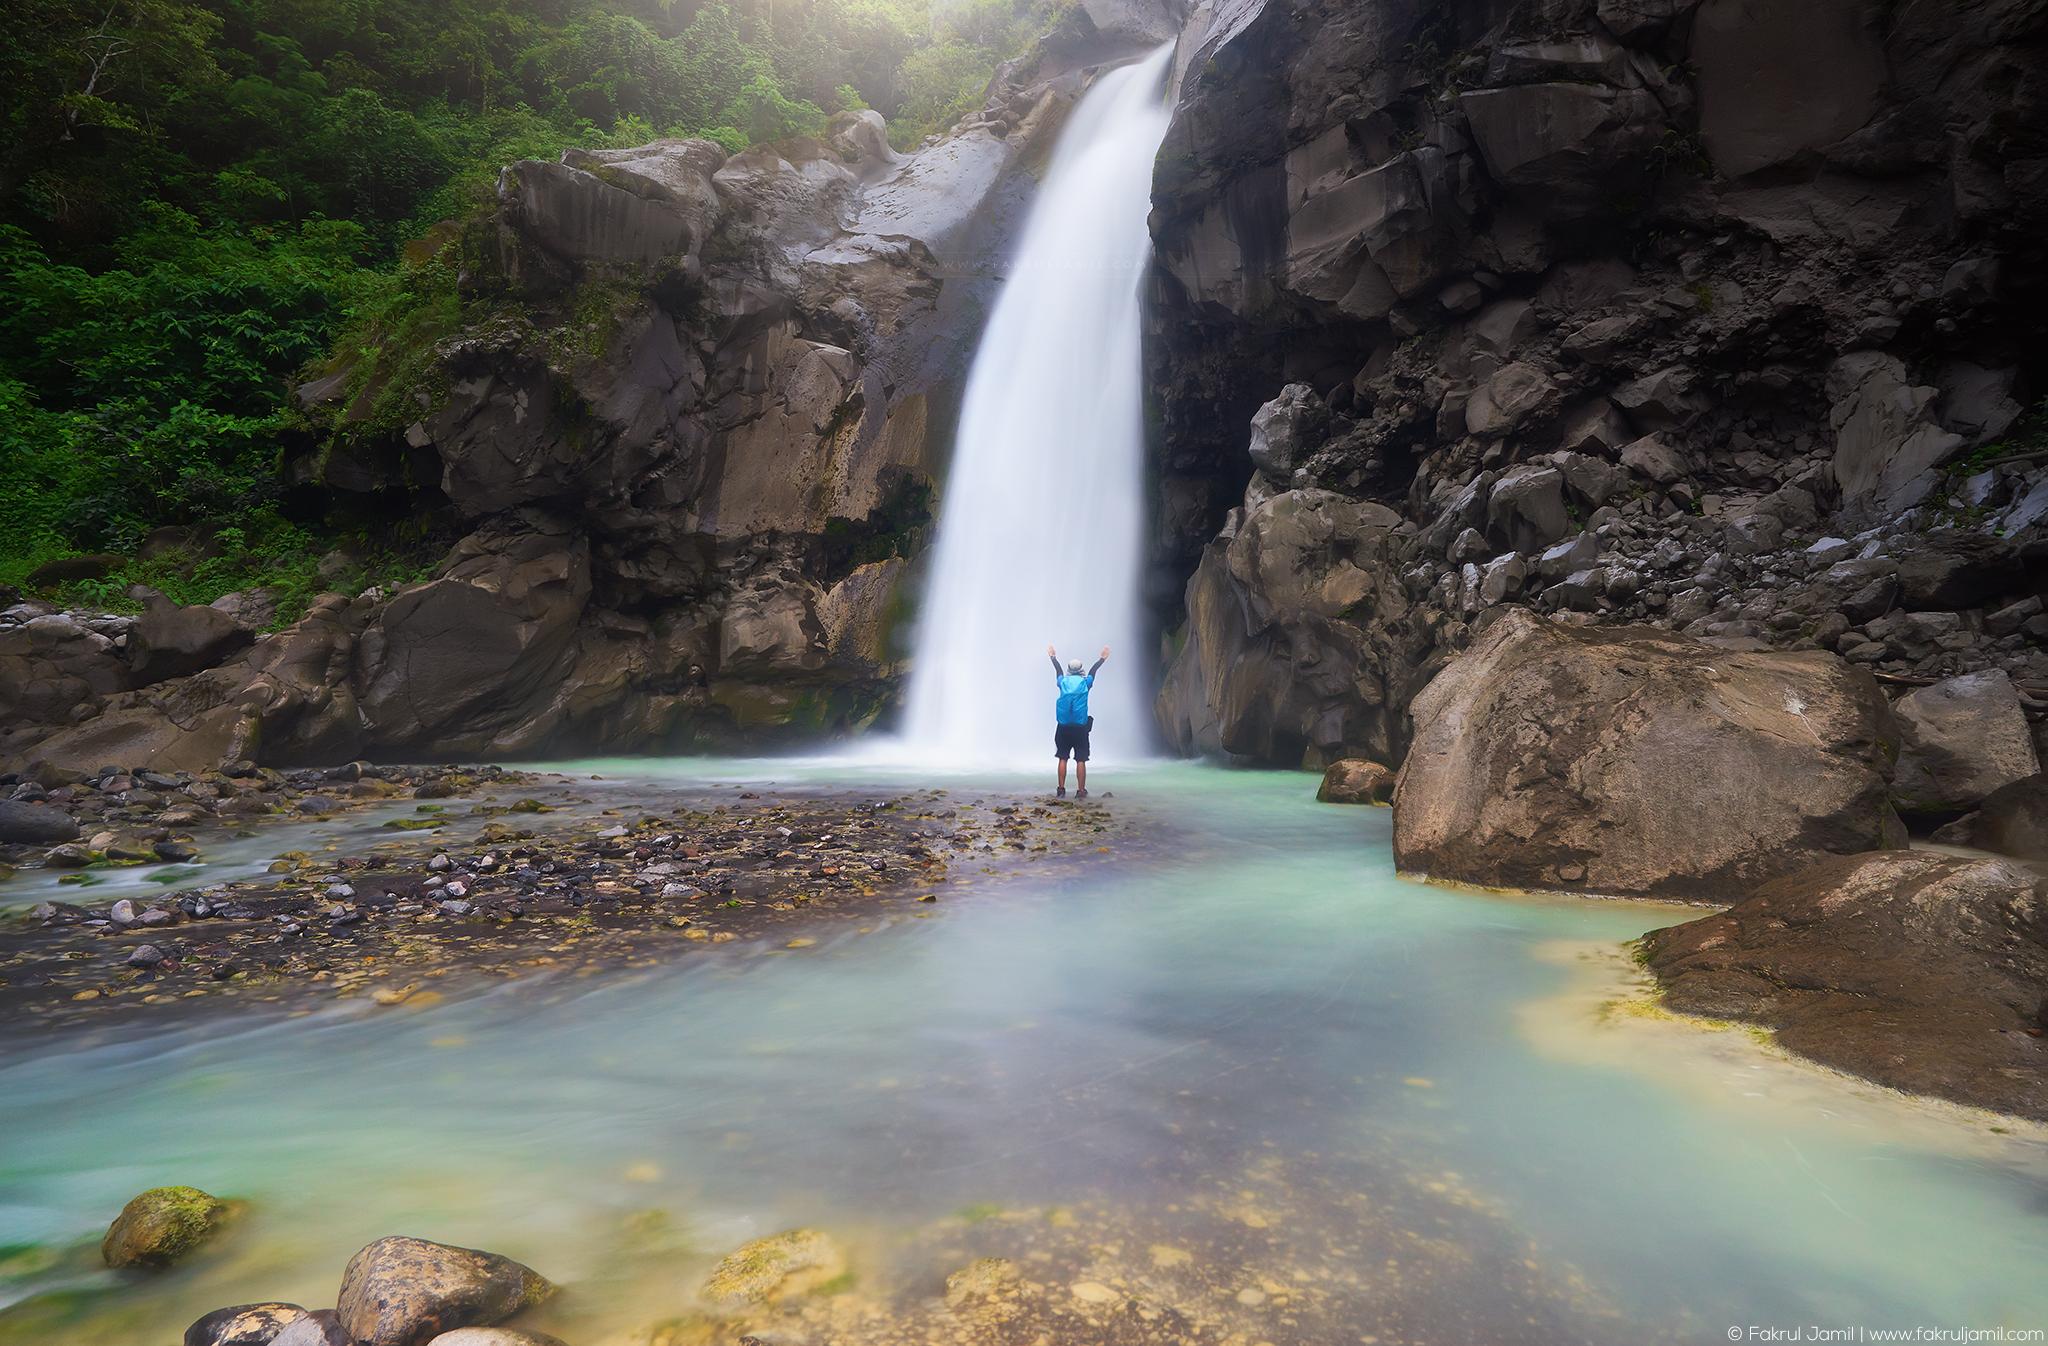 Lombok Photo Trip Feb'15